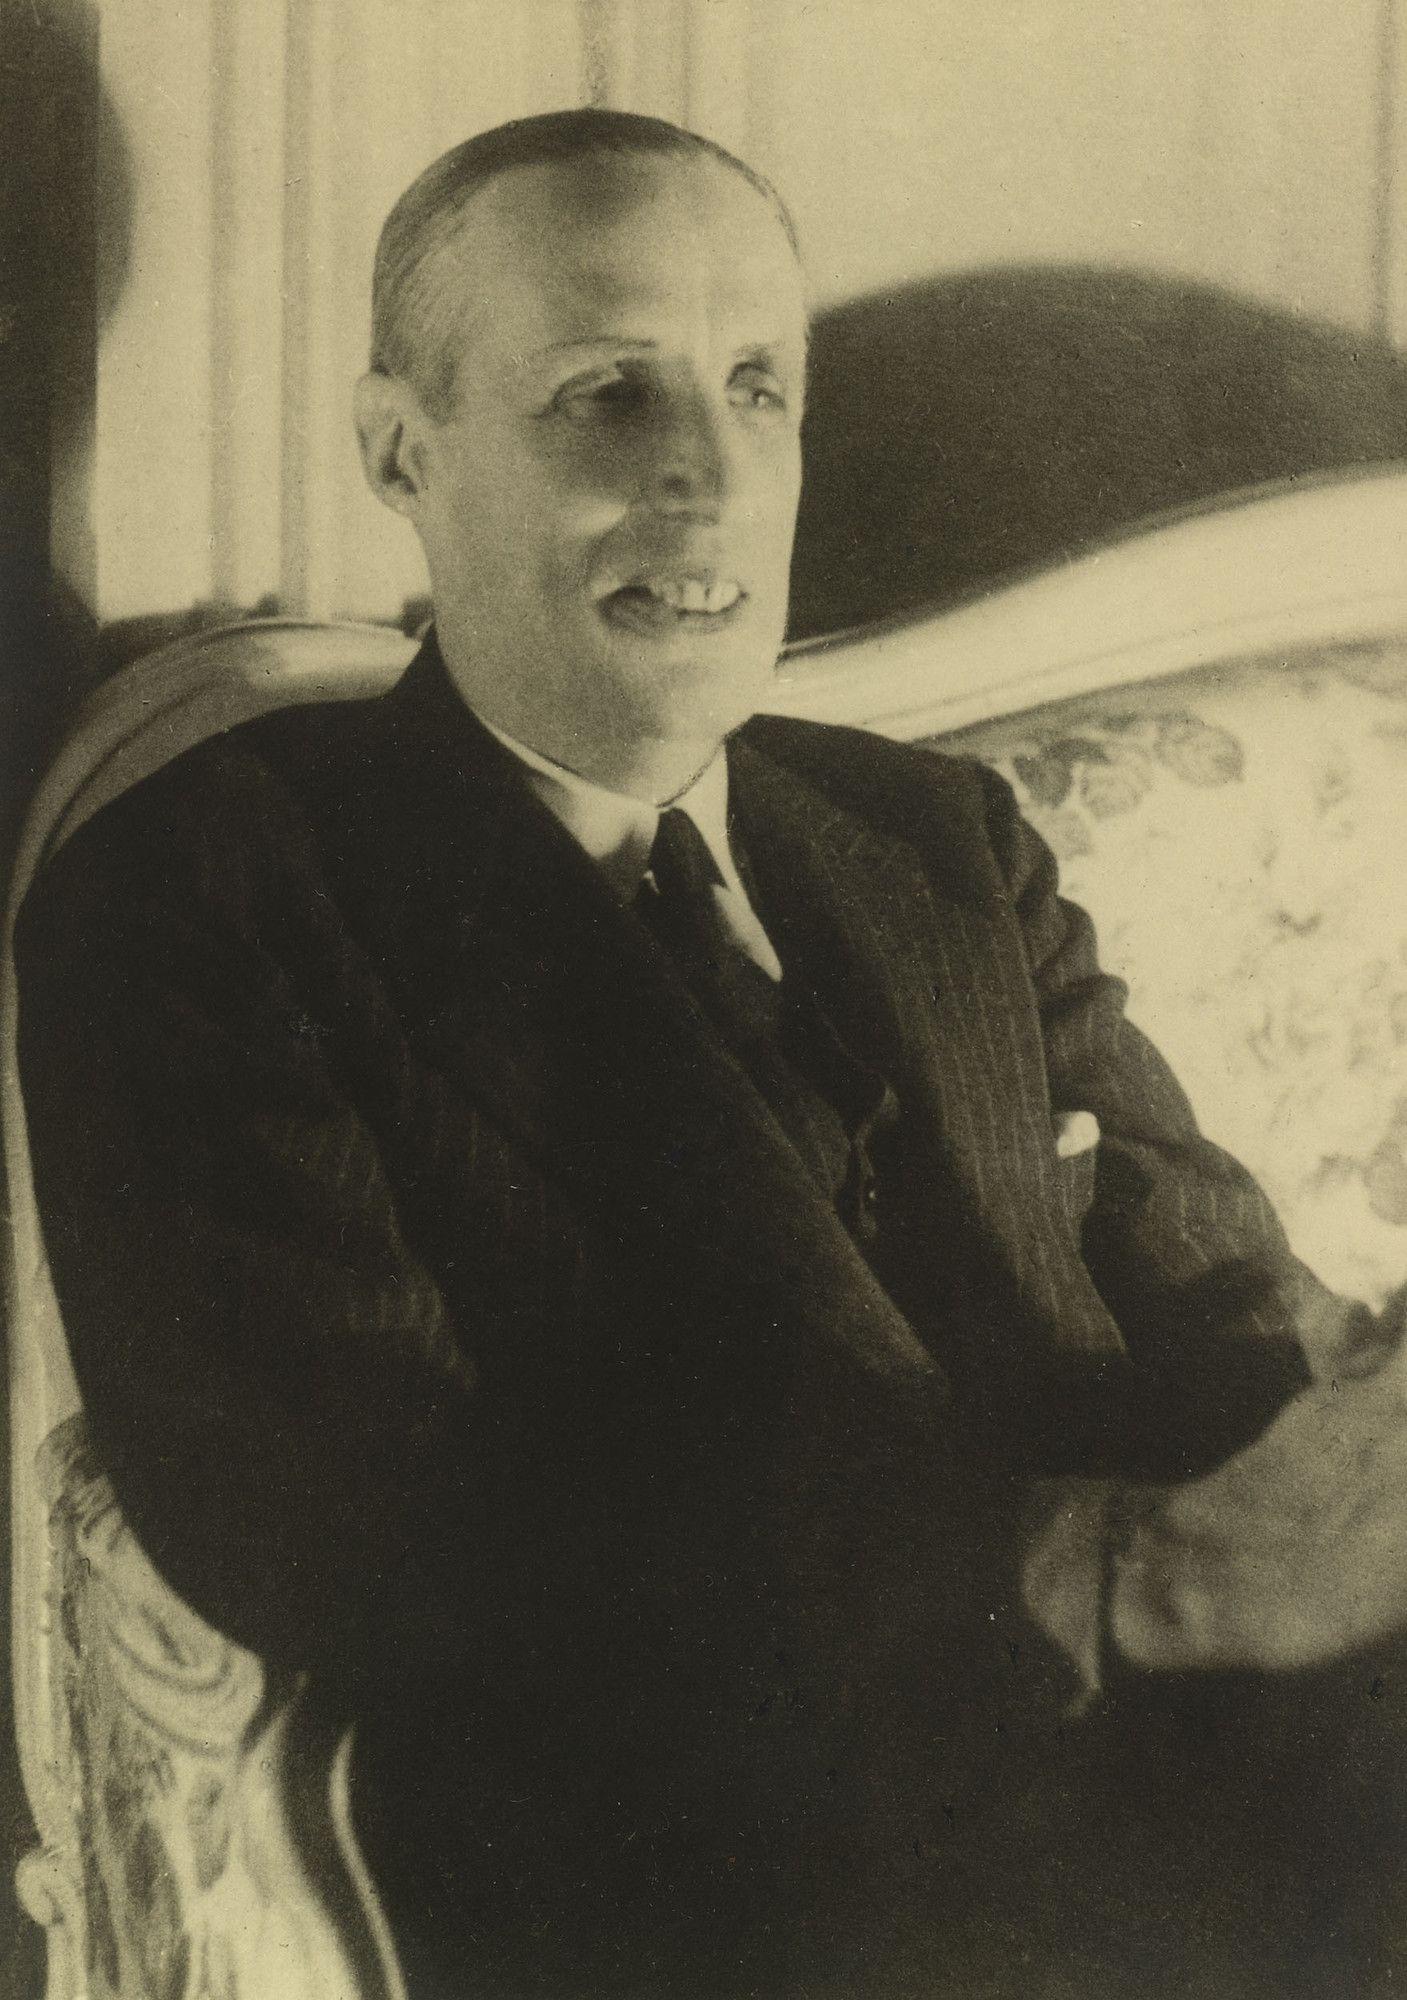 Reprodução de uma fotografia original do Príncipe Gabriel Constantinovich em cerca de 1950. Ele está sentado em um sofá, voltado ligeiramente para a direita. Ele está vestindo um terno escuro e gravata.